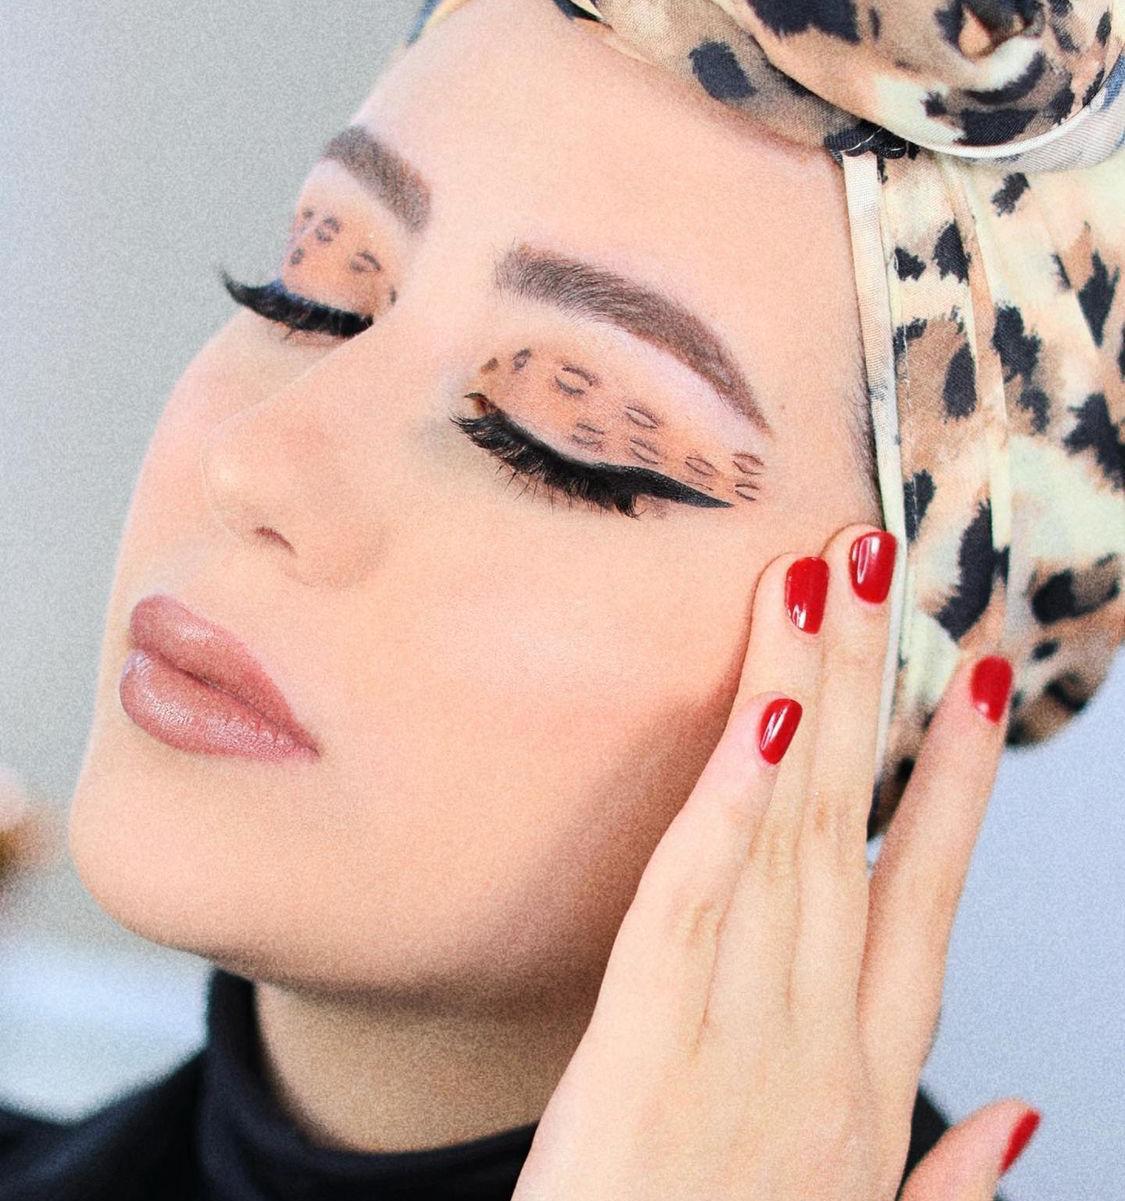 3 شهد ناصر بمكياج بني بطبعات النمر -الصورة من حسابها على الانستغرام